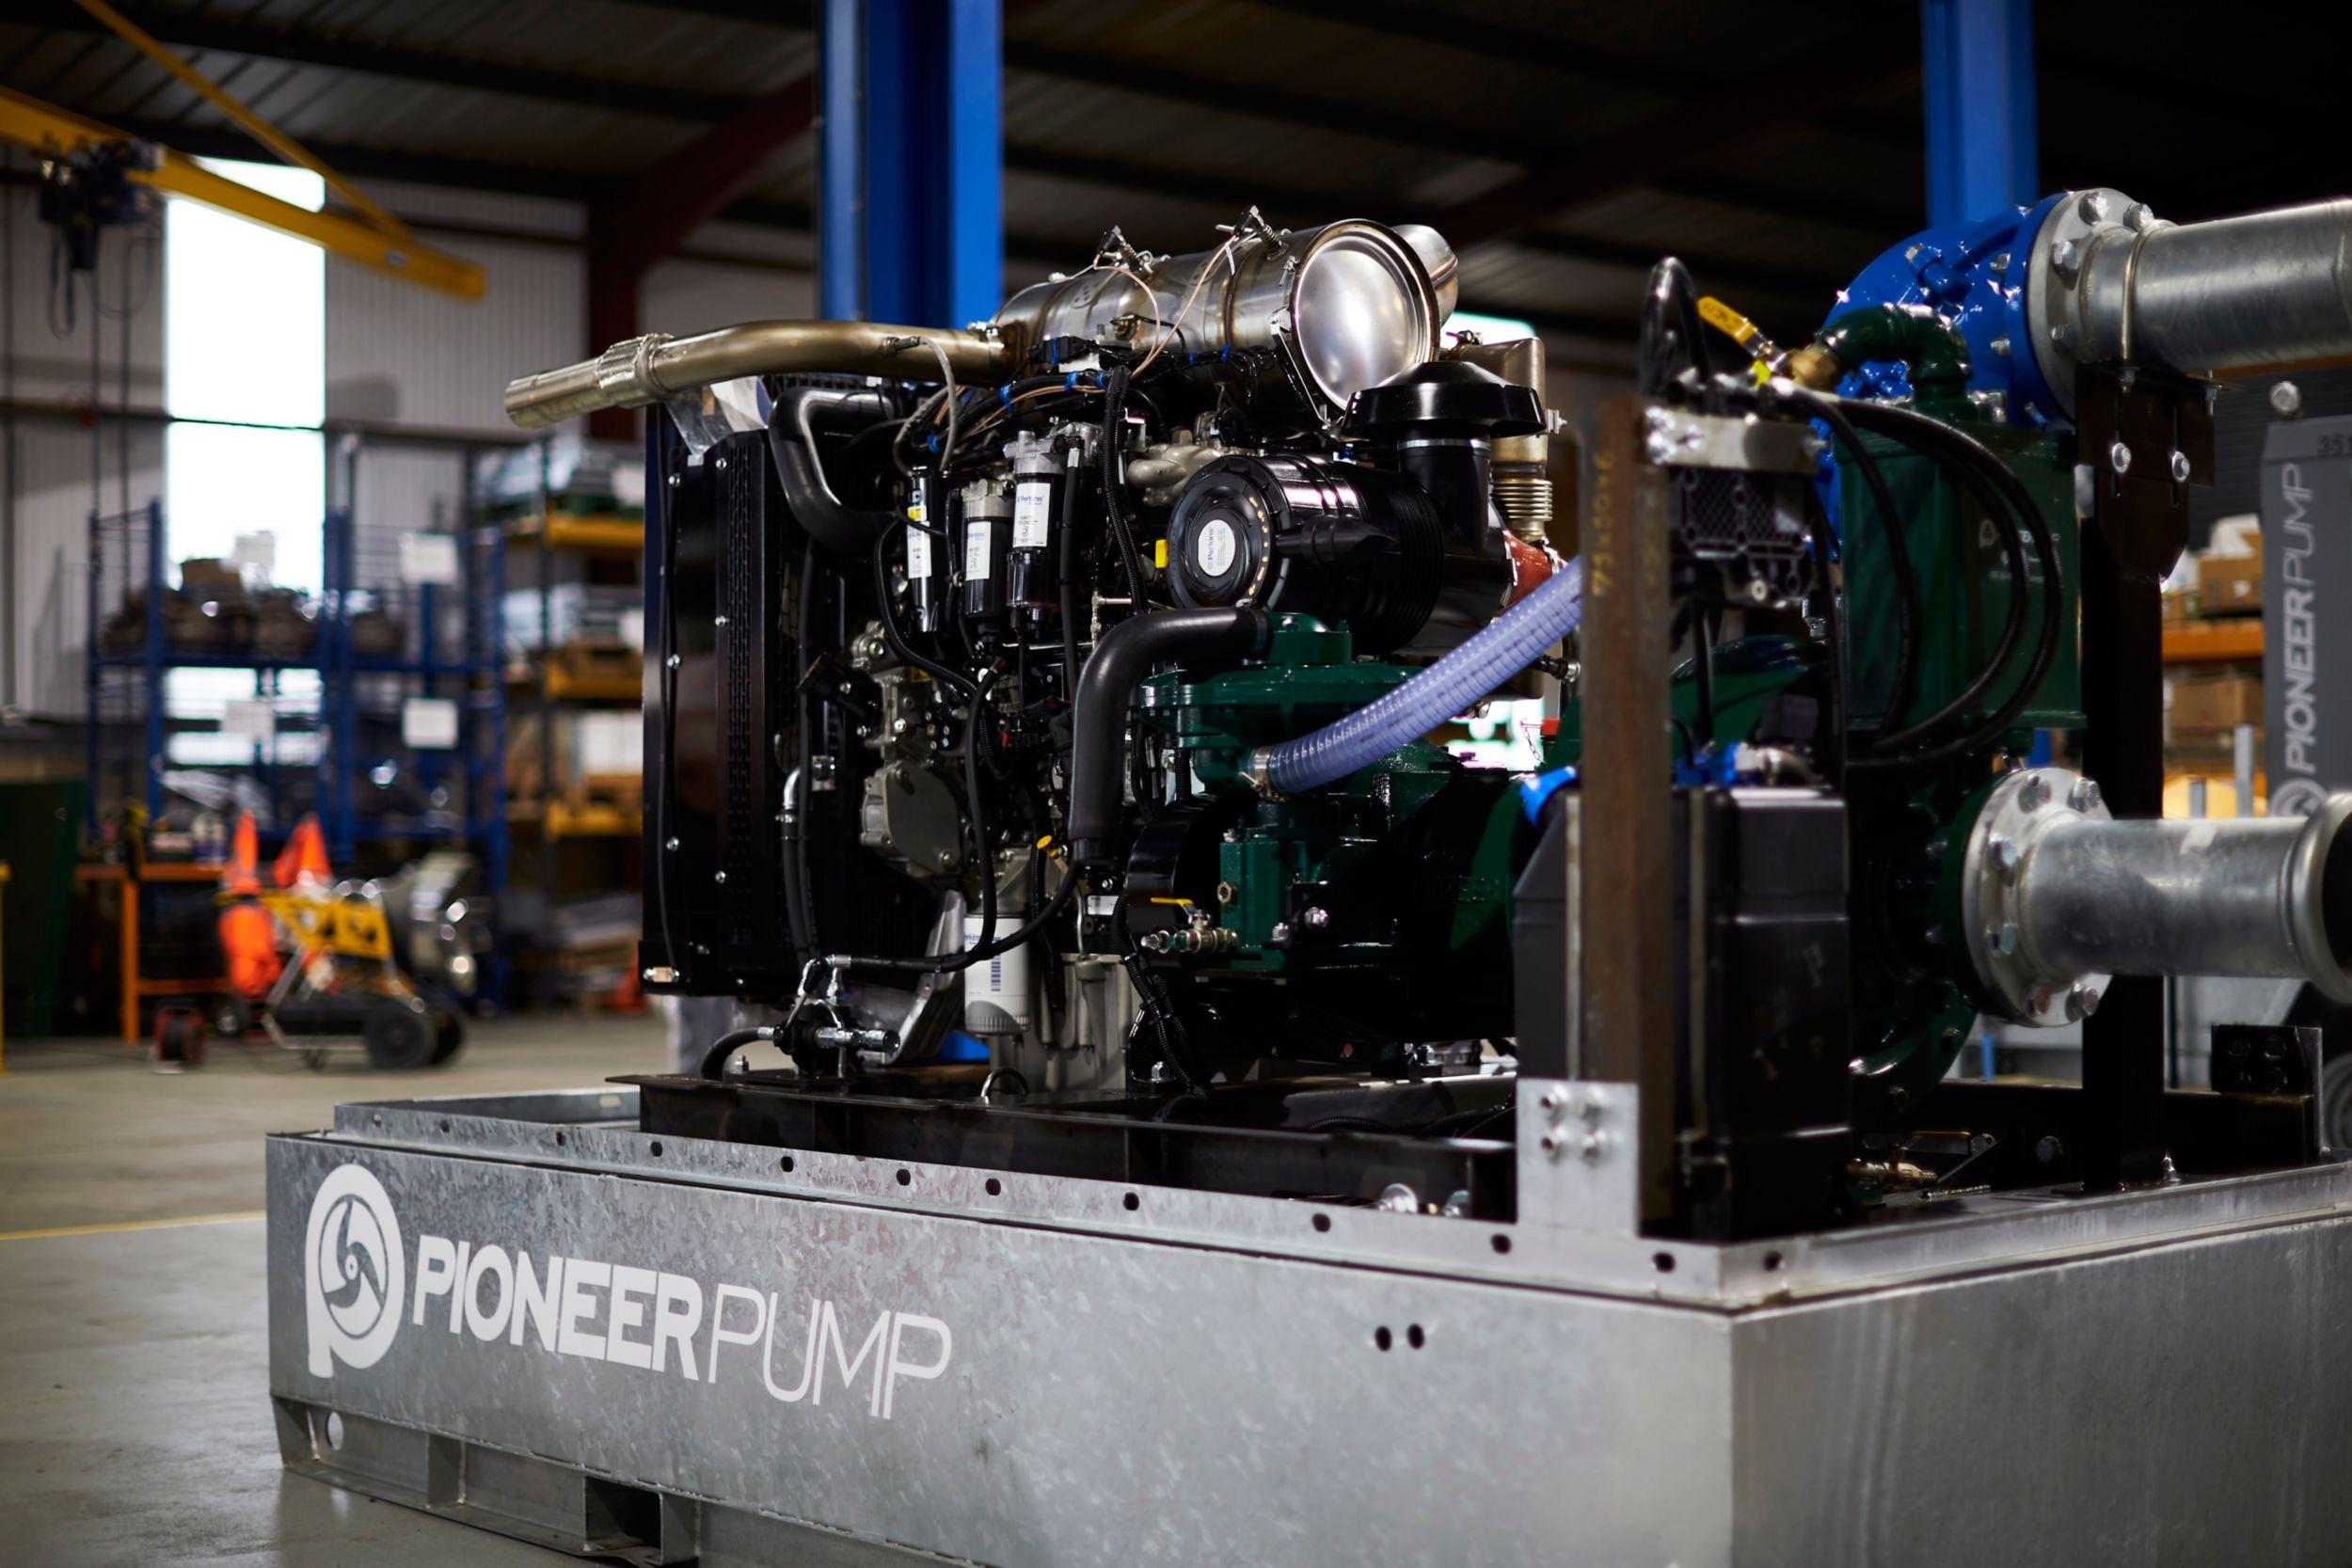 Pioneer Pump Ltd.